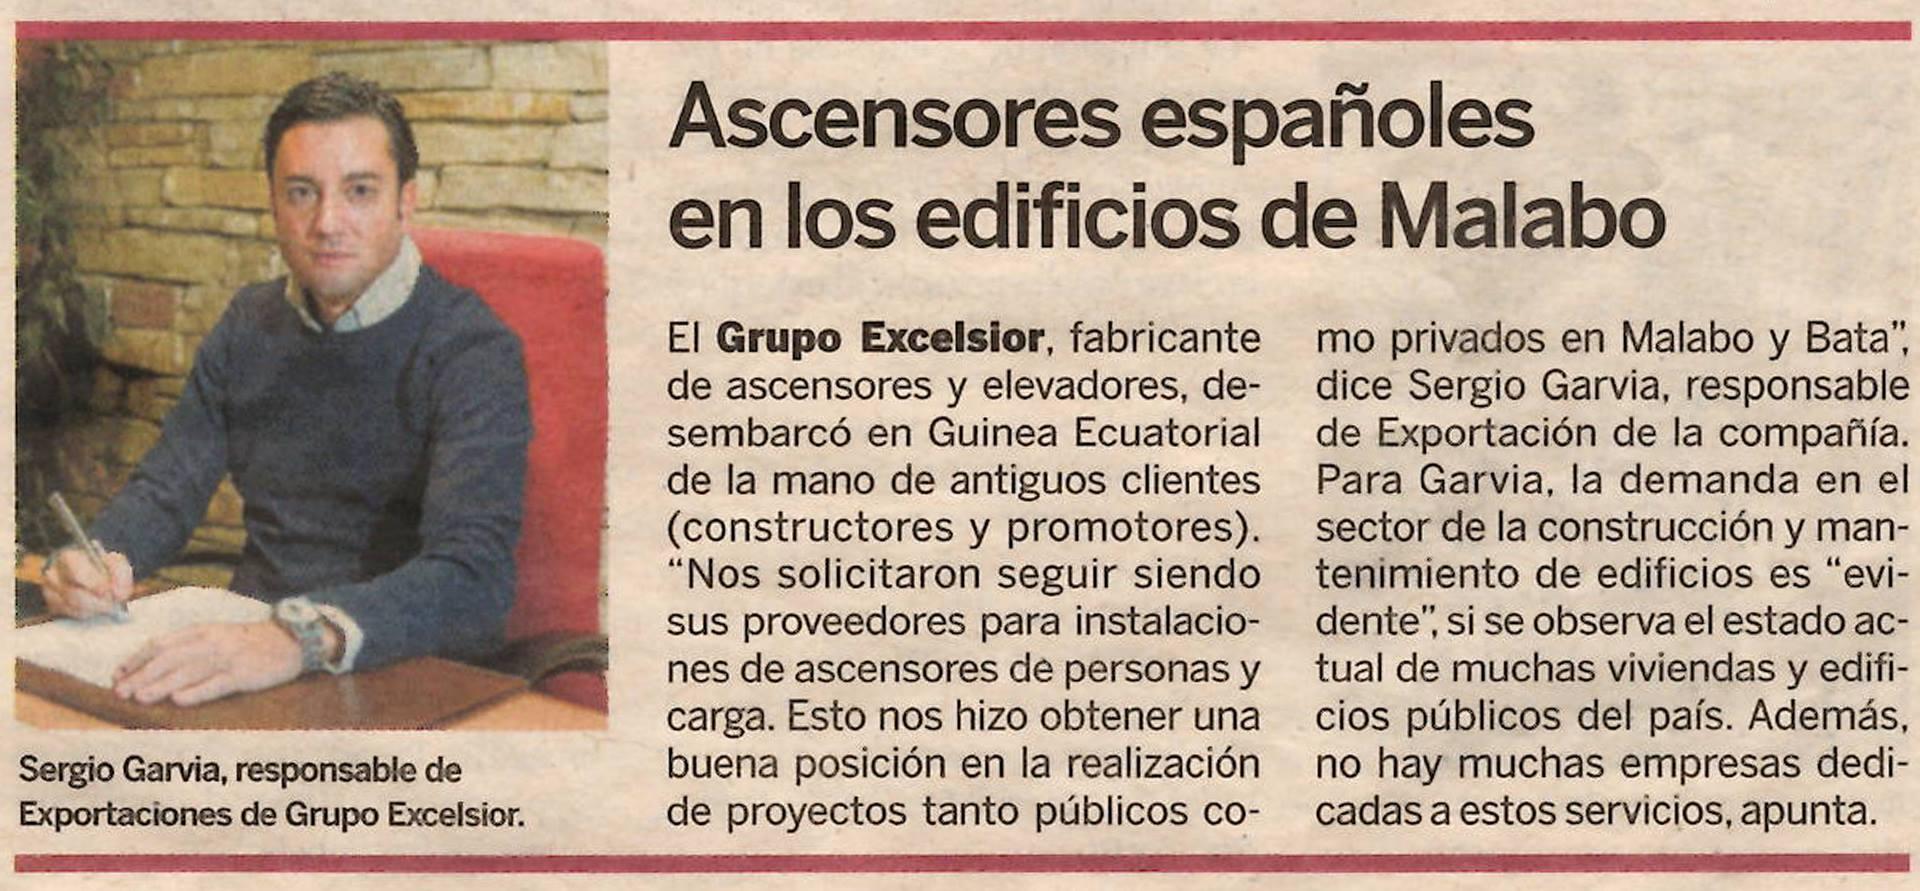 Publicación periódico Expansión